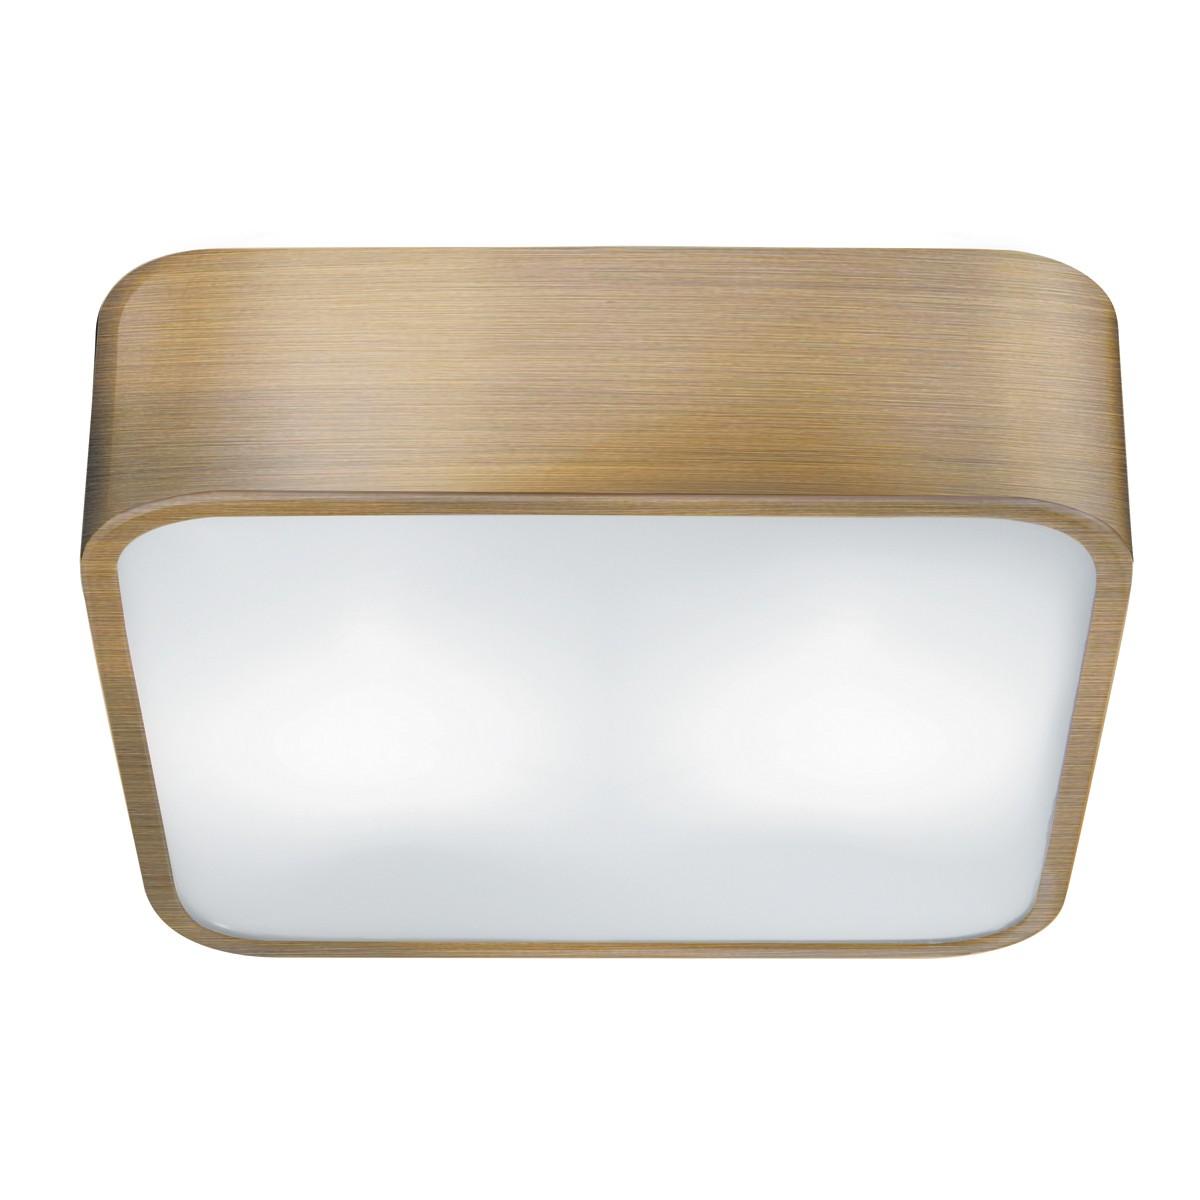 Square 2 bulb fitting 25cm hegarty lighting ltd